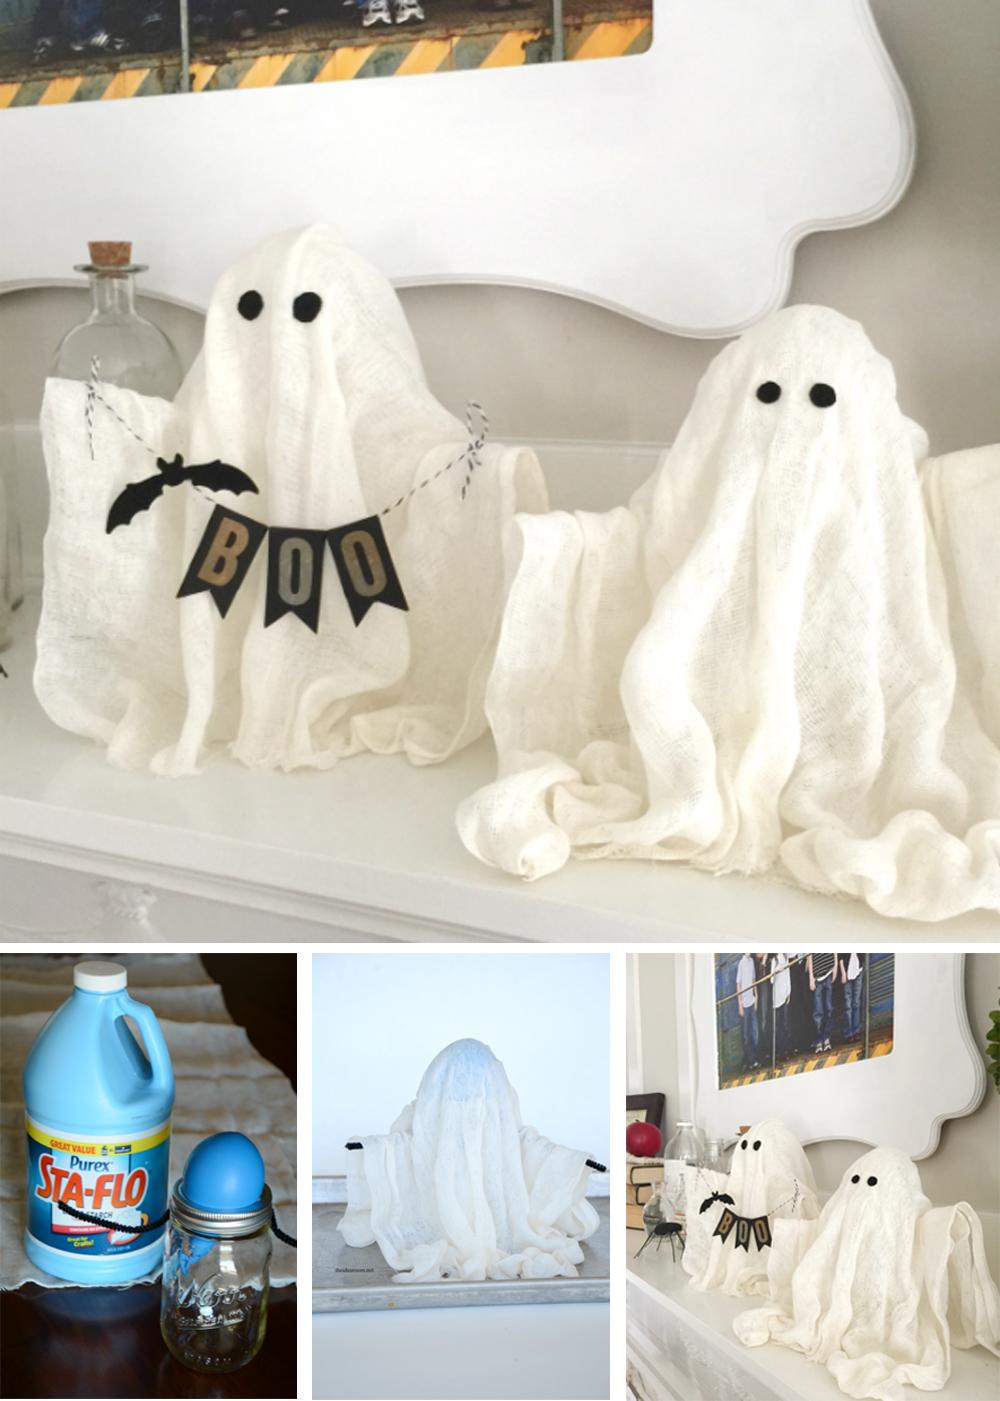 diy para decorar en halloween con fantasmas espeluznantes de gasas y flotantes fácil y lowcost